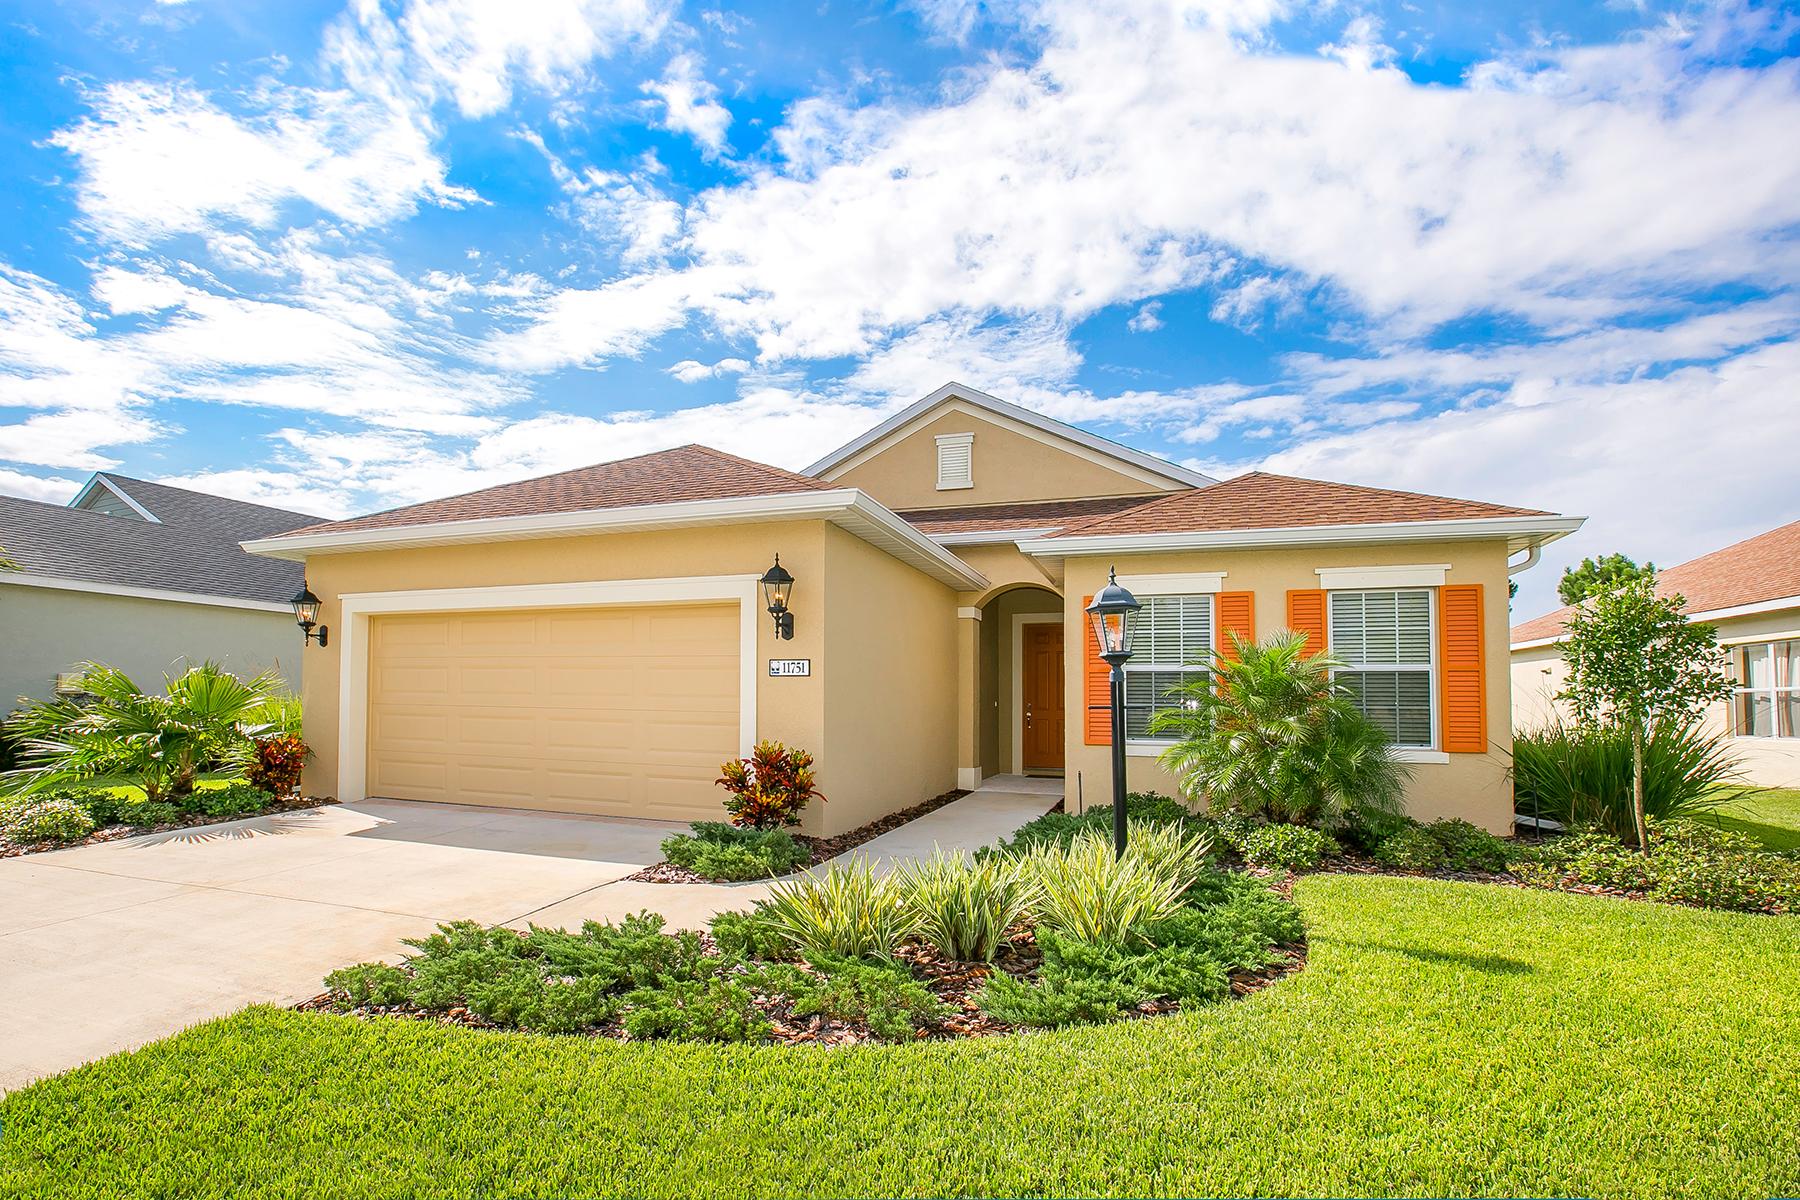 一戸建て のために 売買 アット FOREST CREEK 11751 Fennemore Way Parrish, フロリダ 34219 アメリカ合衆国